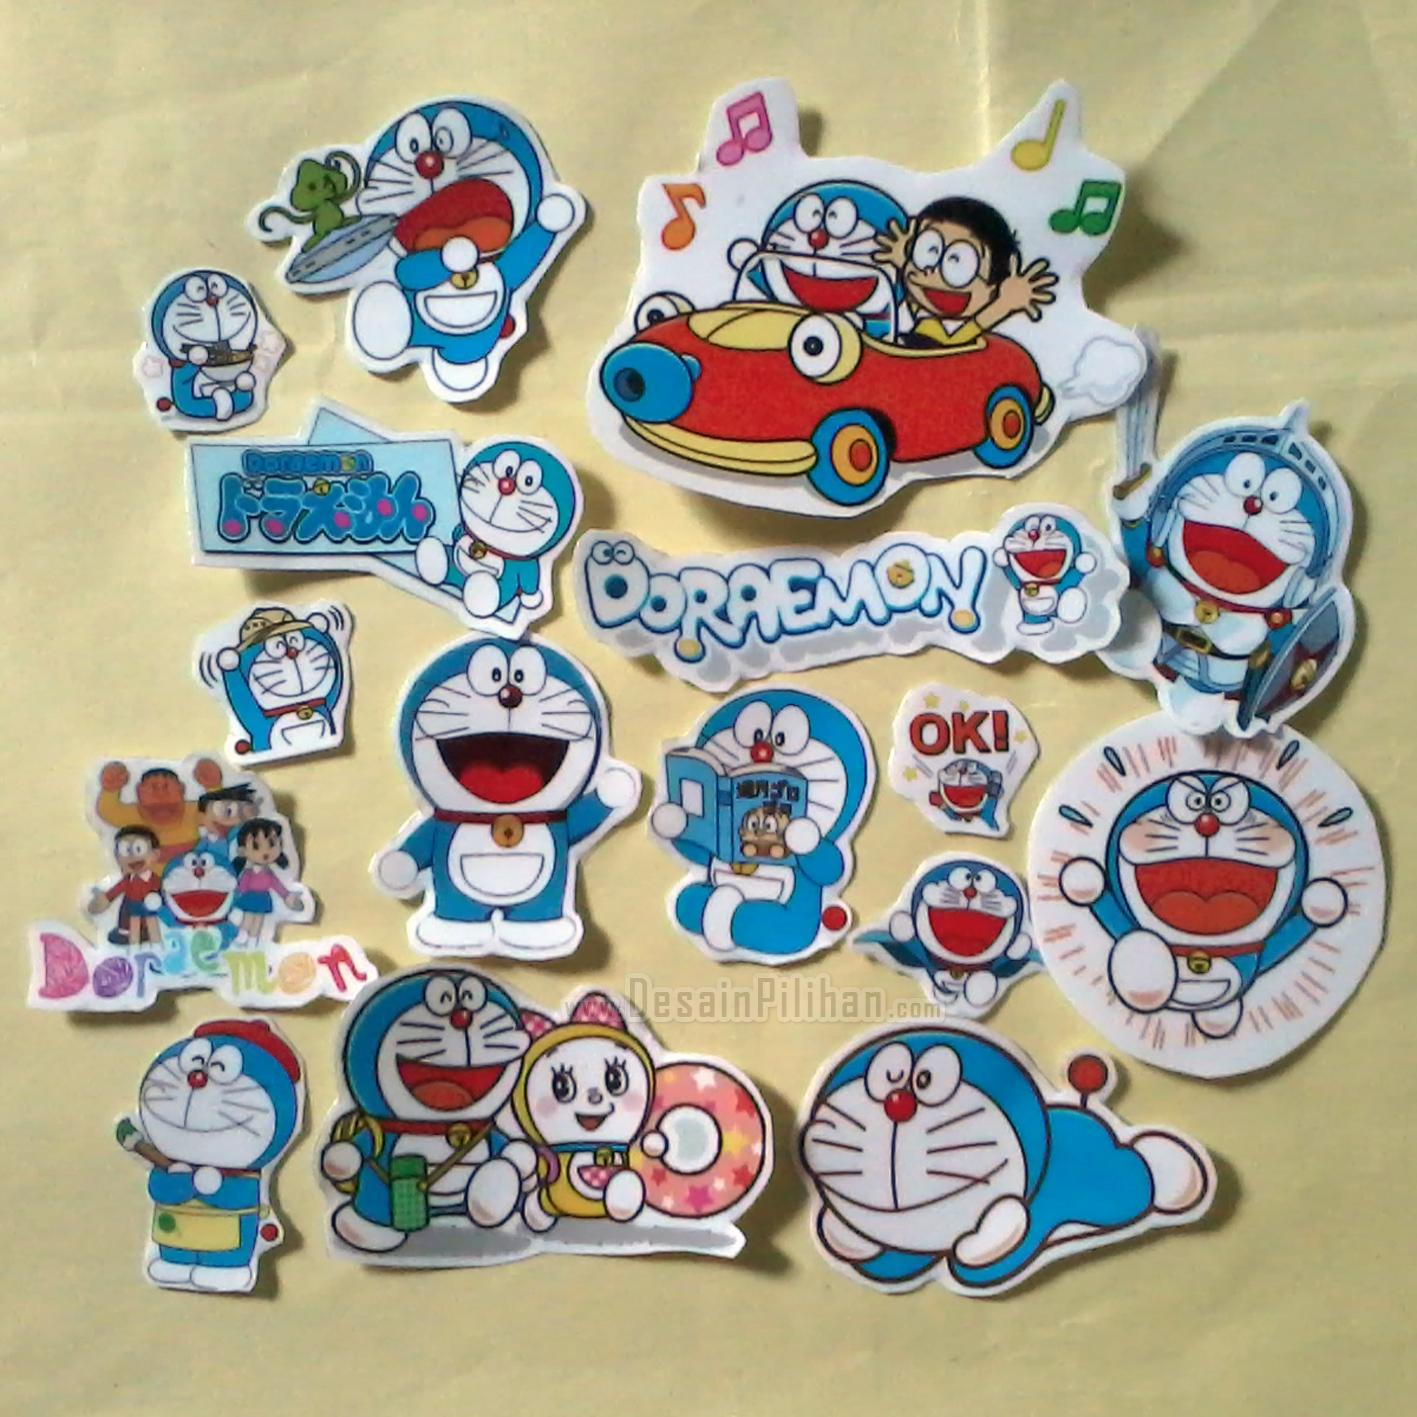 Search Results For Kalender Doraemon Lengkap